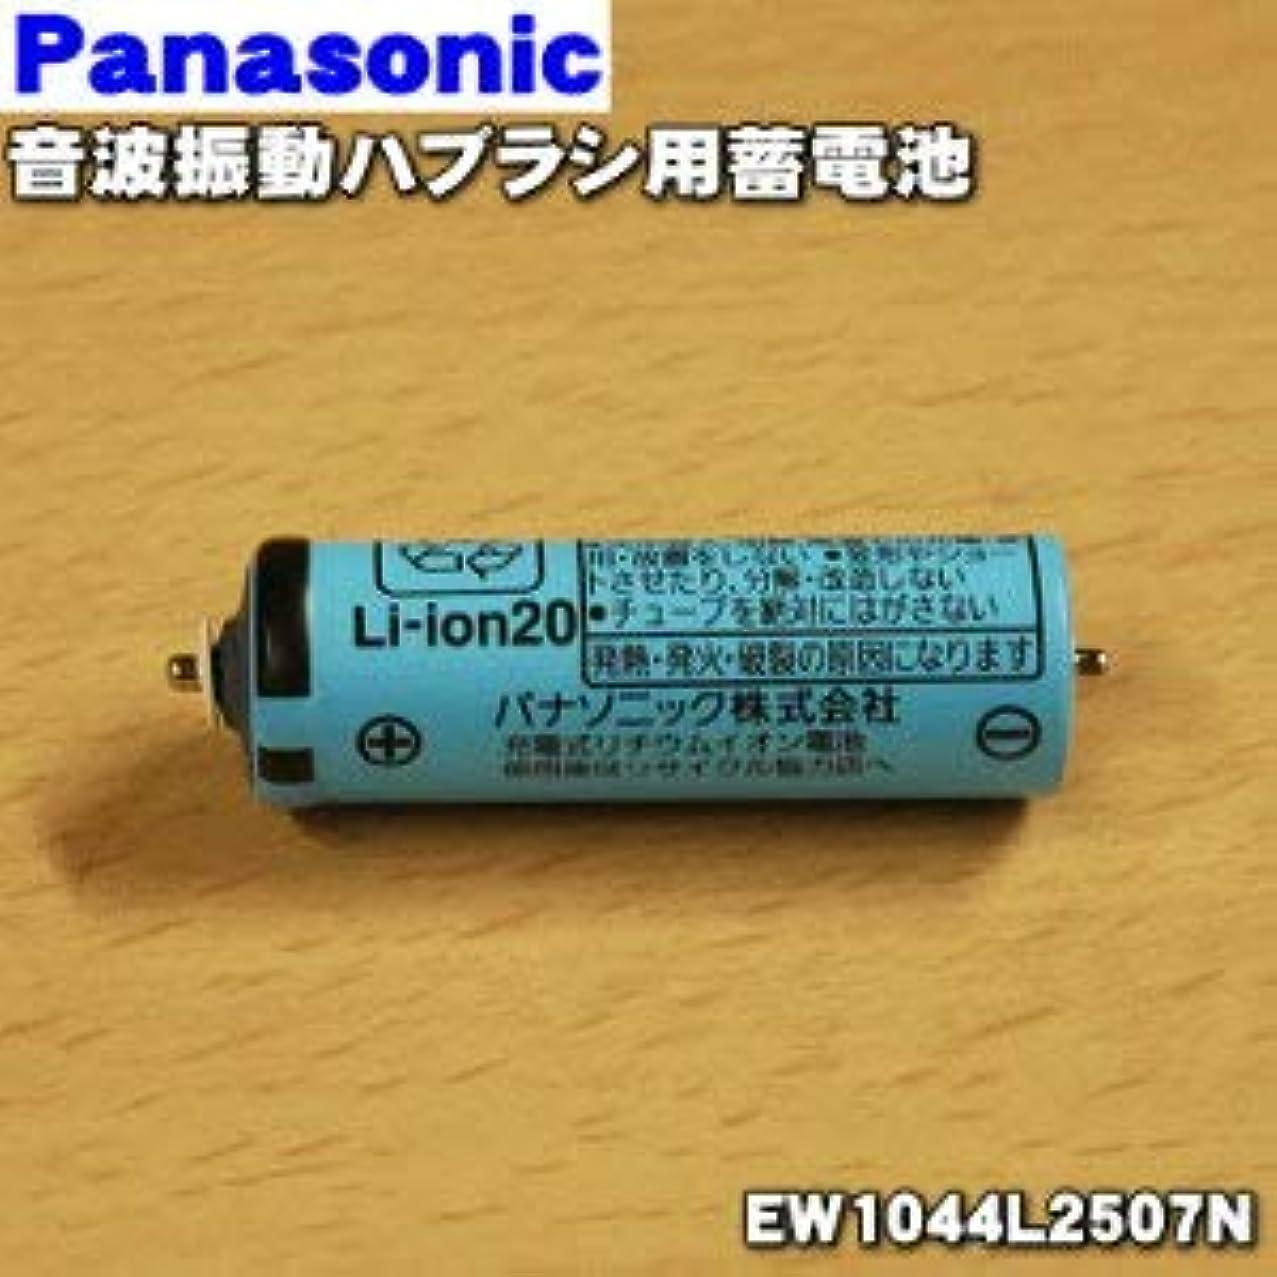 【ゆうパケット対応品】 パナソニック Panasonic 音波振動ハブラシ Doltz 蓄電池交換用蓄電池 EW1044L2507N